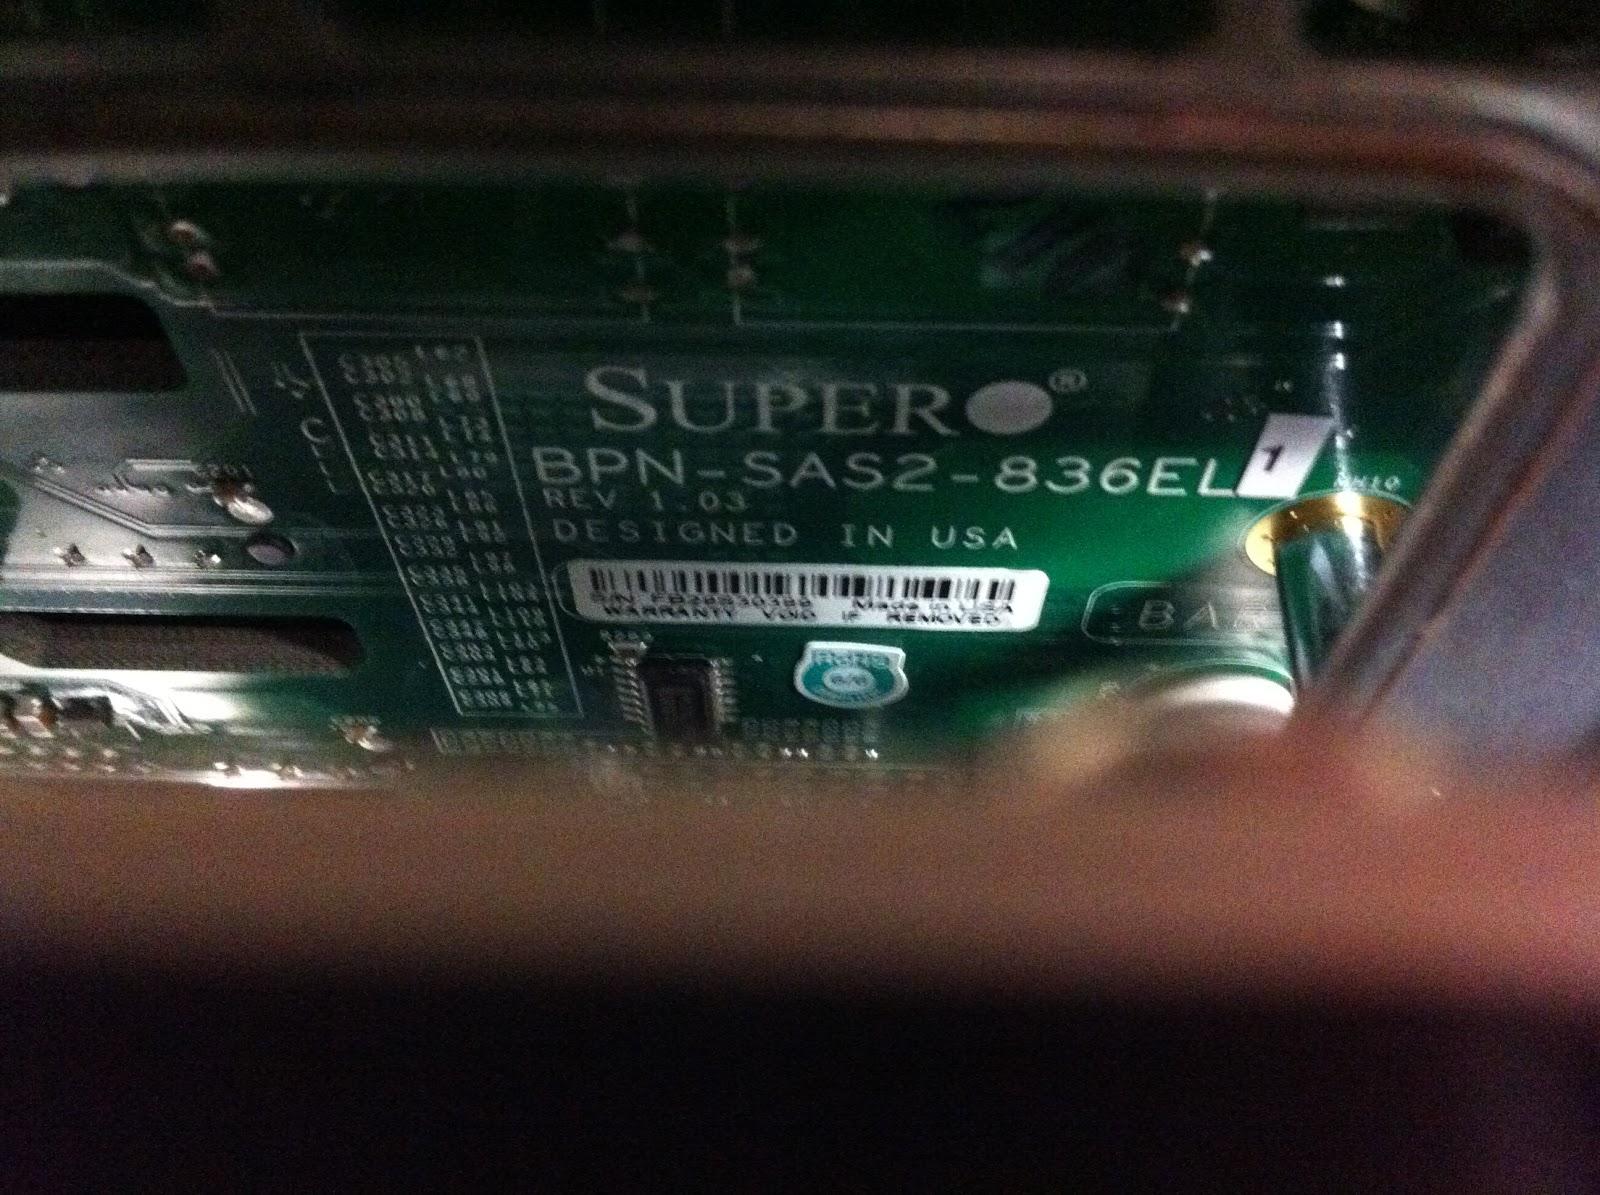 fenderTech: December 2012